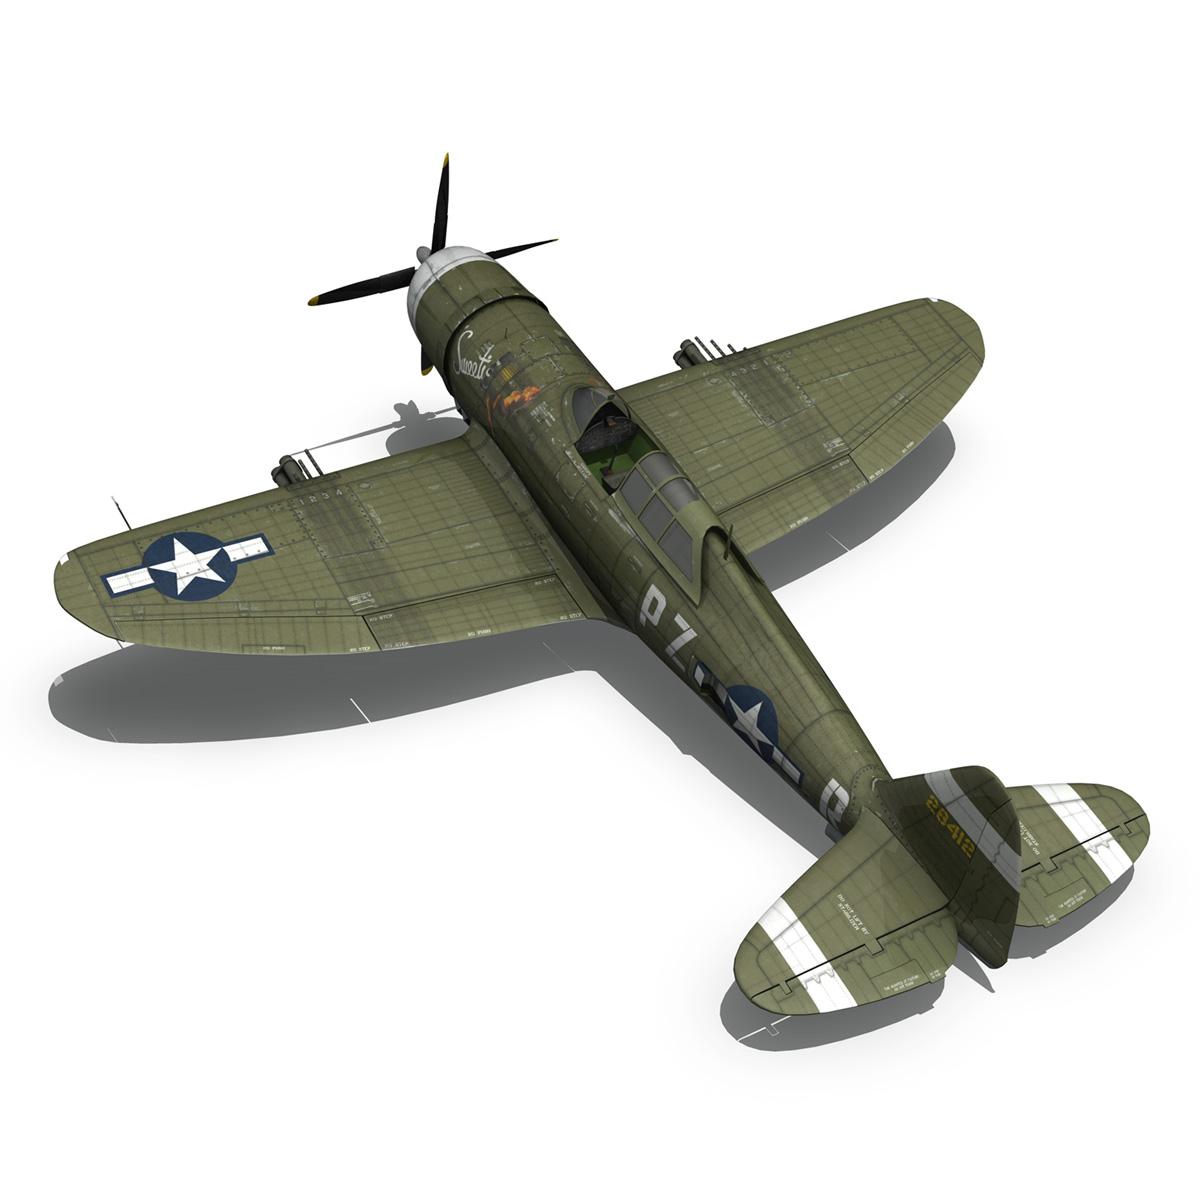 republic p-47d thunderbolt – sweetie – pz-r 3d model 3ds fbx c4d lwo obj 281845